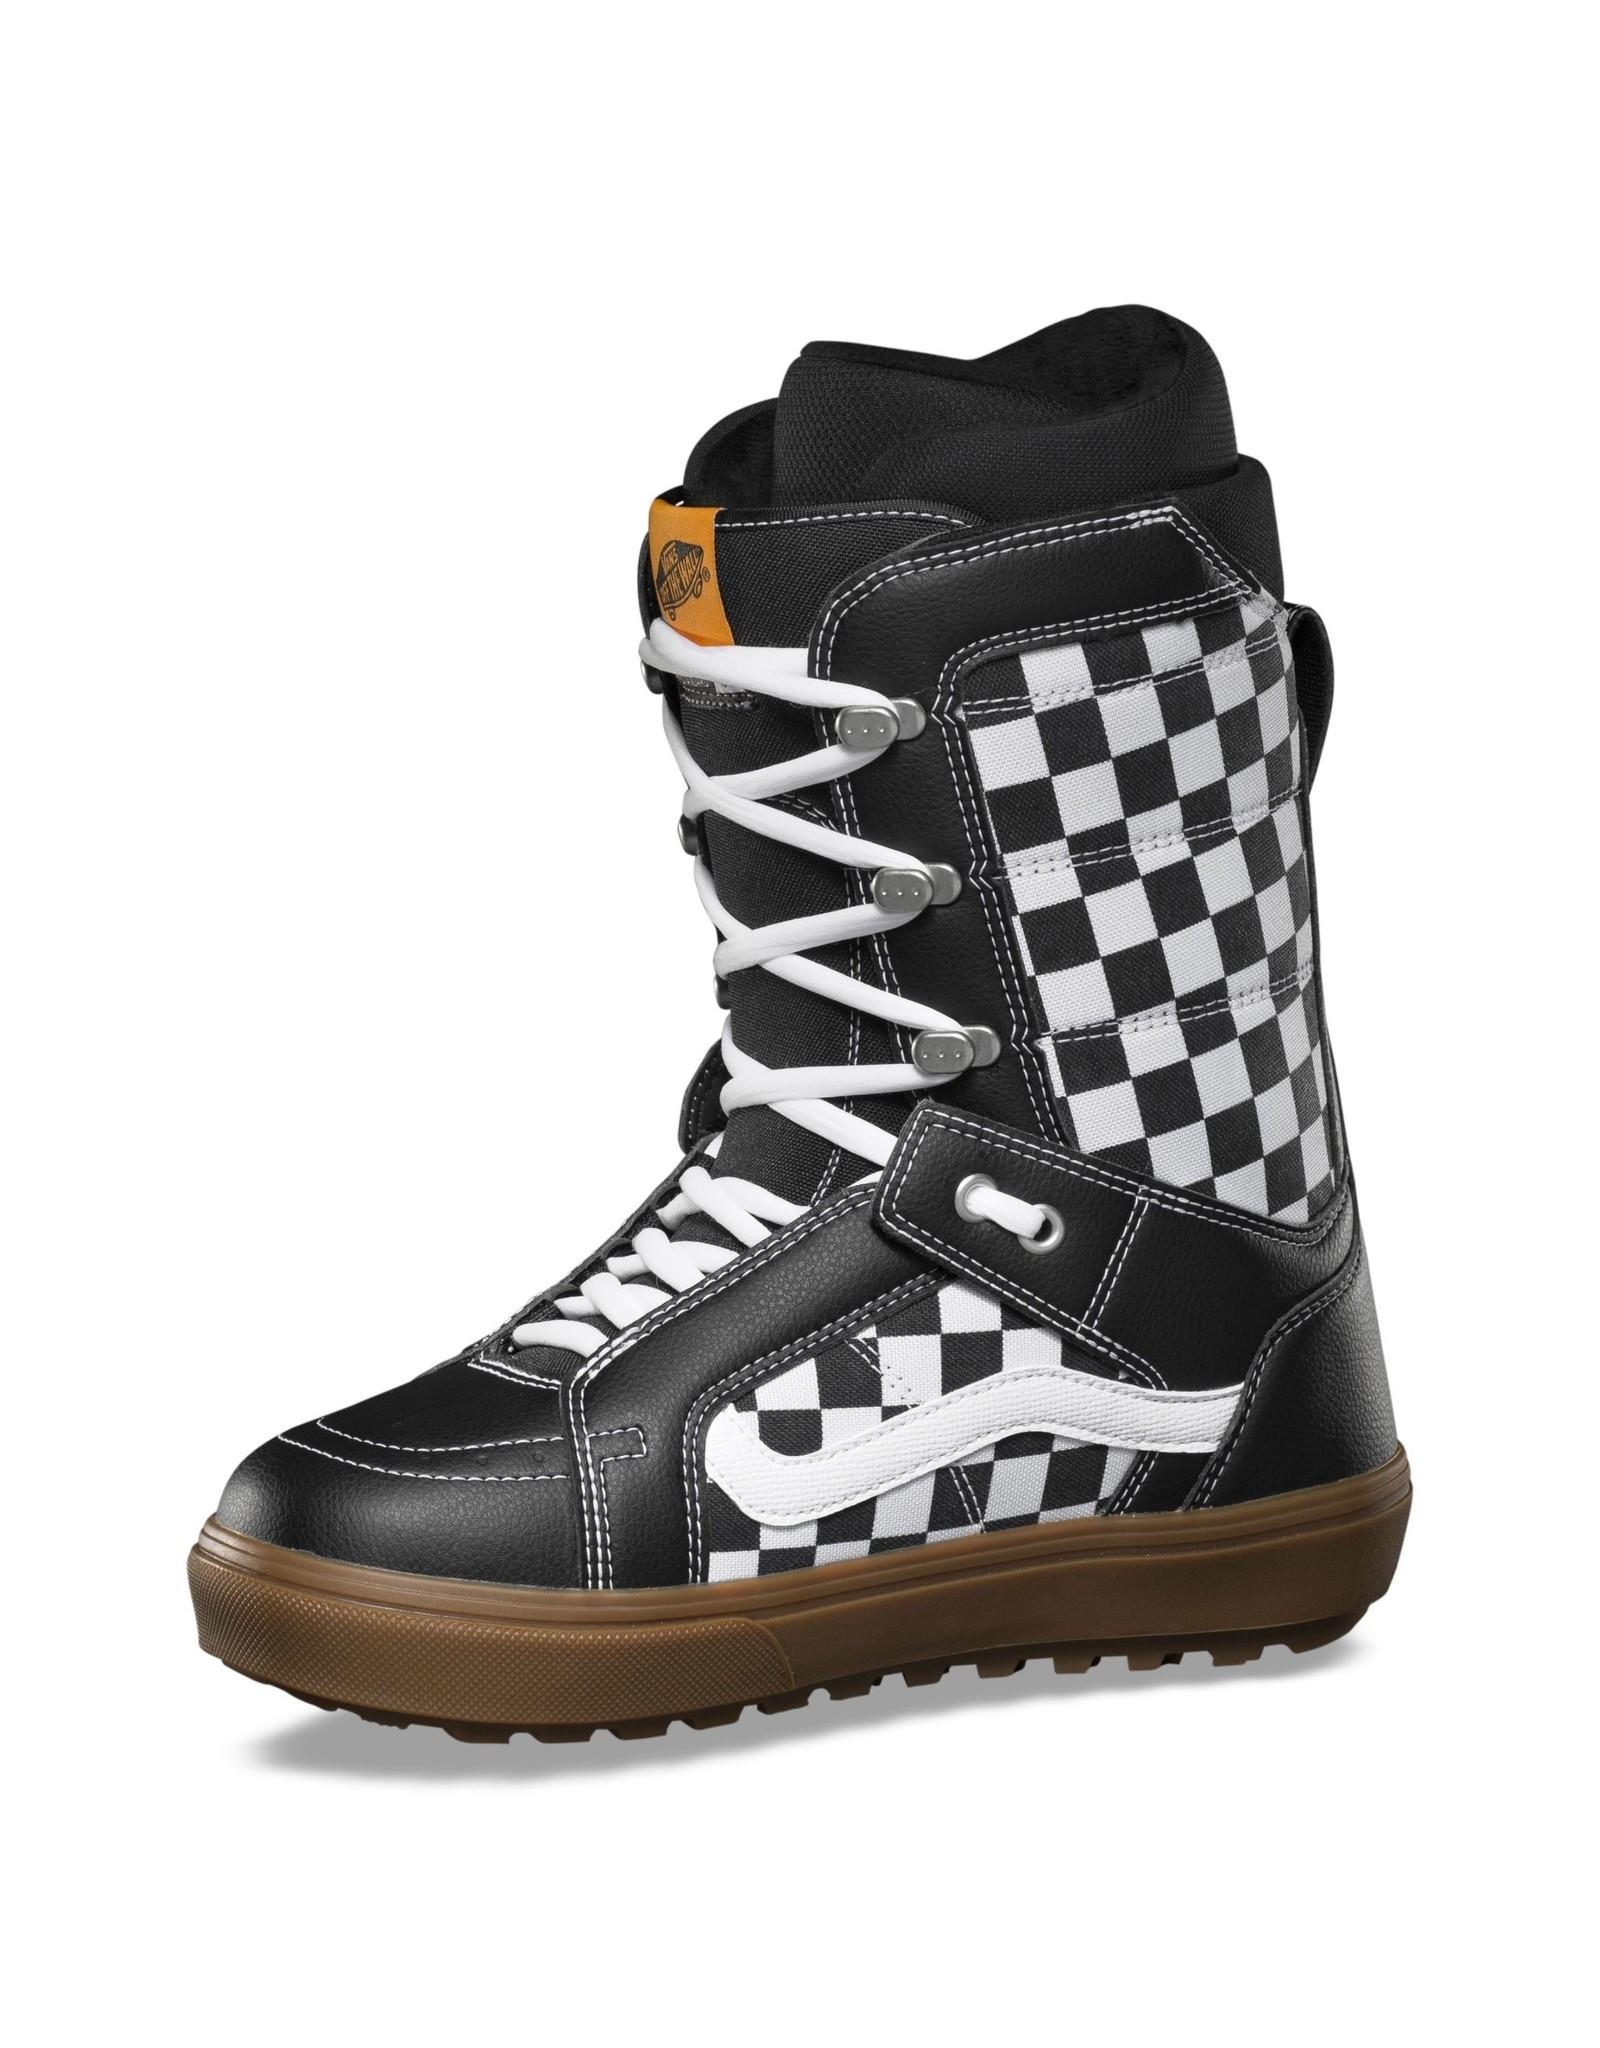 vans Vans - Botte snowboard homme hi-standard og camo/checkboard